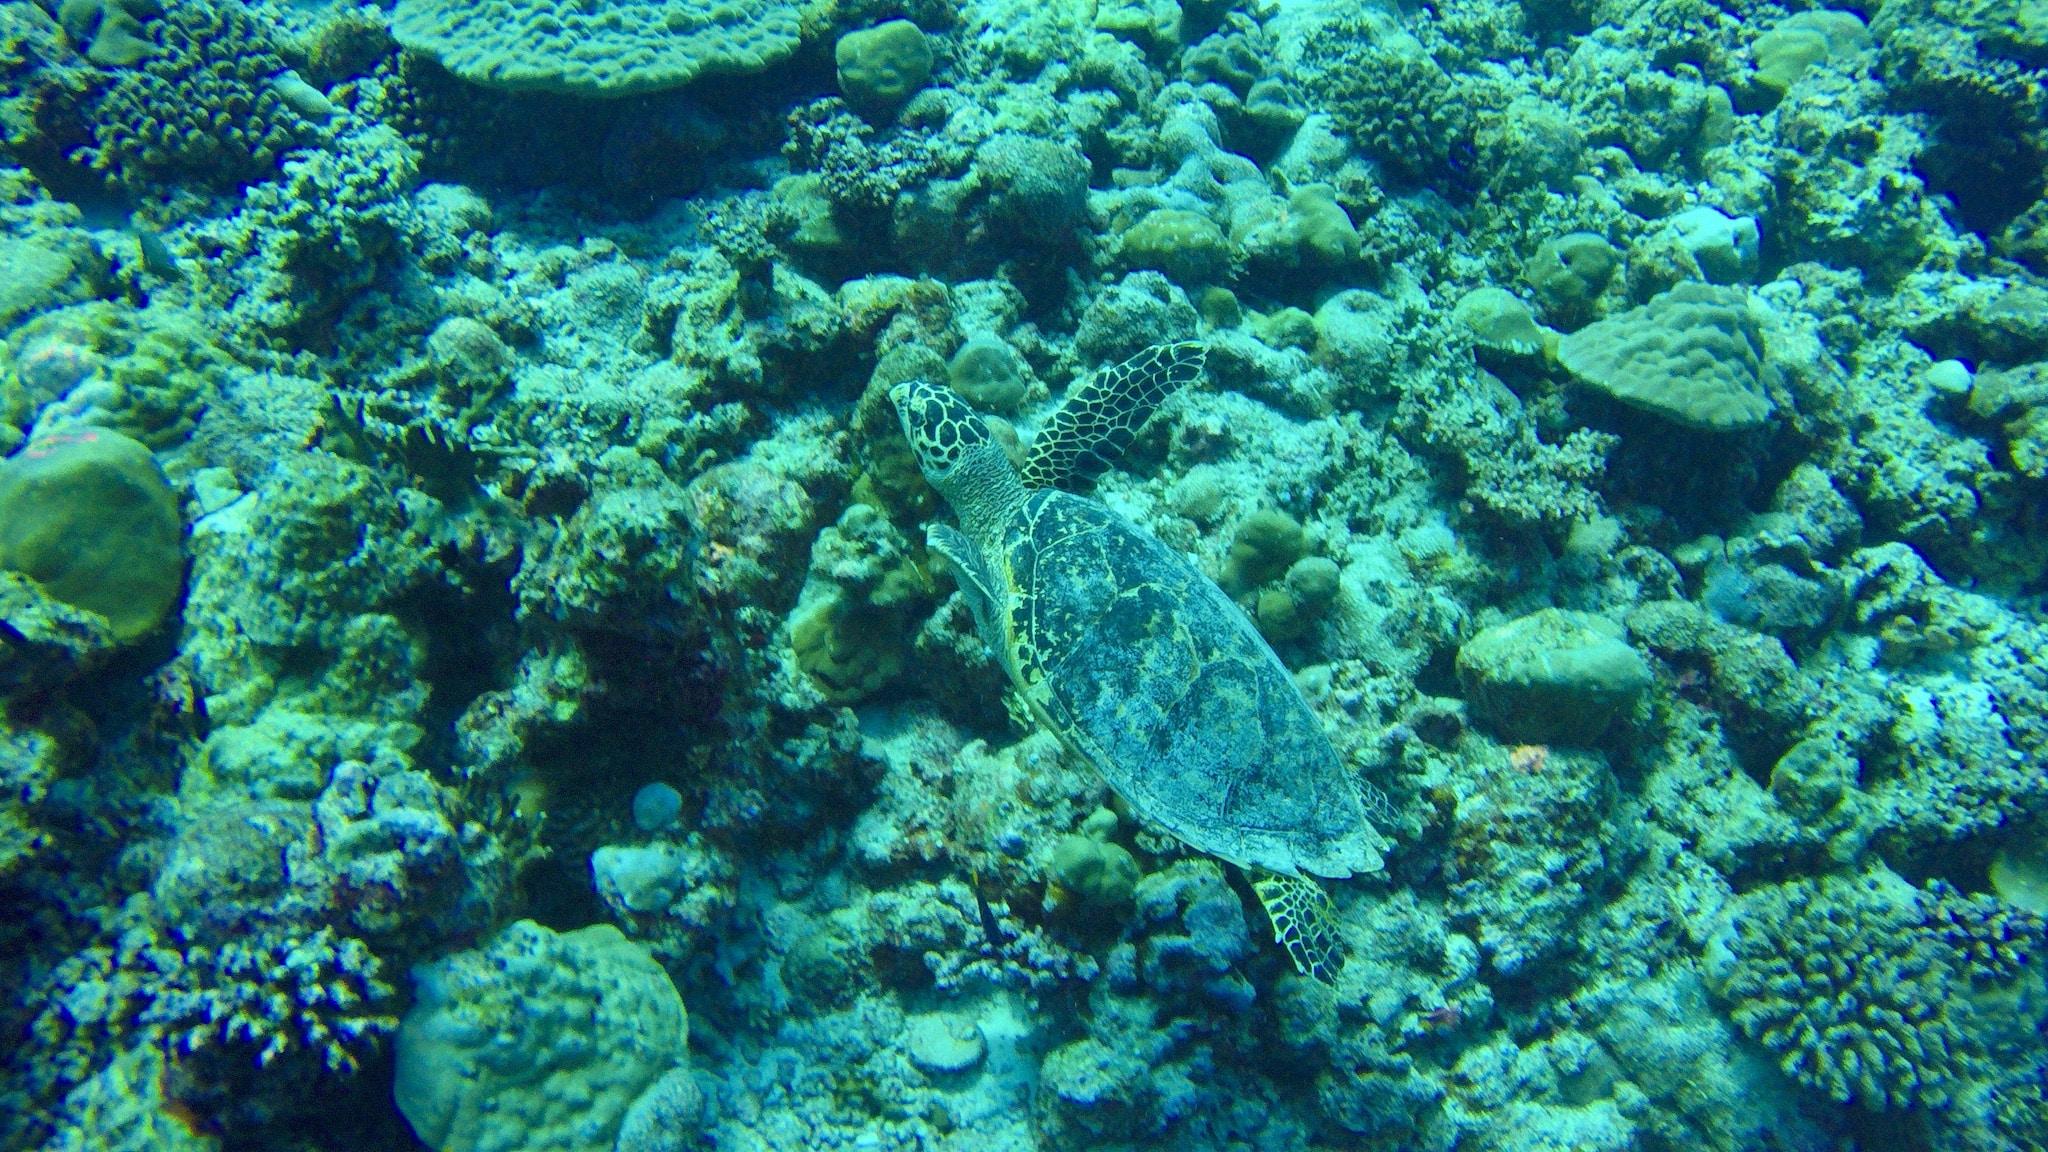 Schildkröten sind auf Coco Bodu Hithi allgegenwärtig – auch beim Schnorcheln in der Lagune und am Hausriff sind sie zu finden. Foto: Sascha Tegtmeyer Reisebericht Coco Bodu Hithi Malediven Erfahrungen